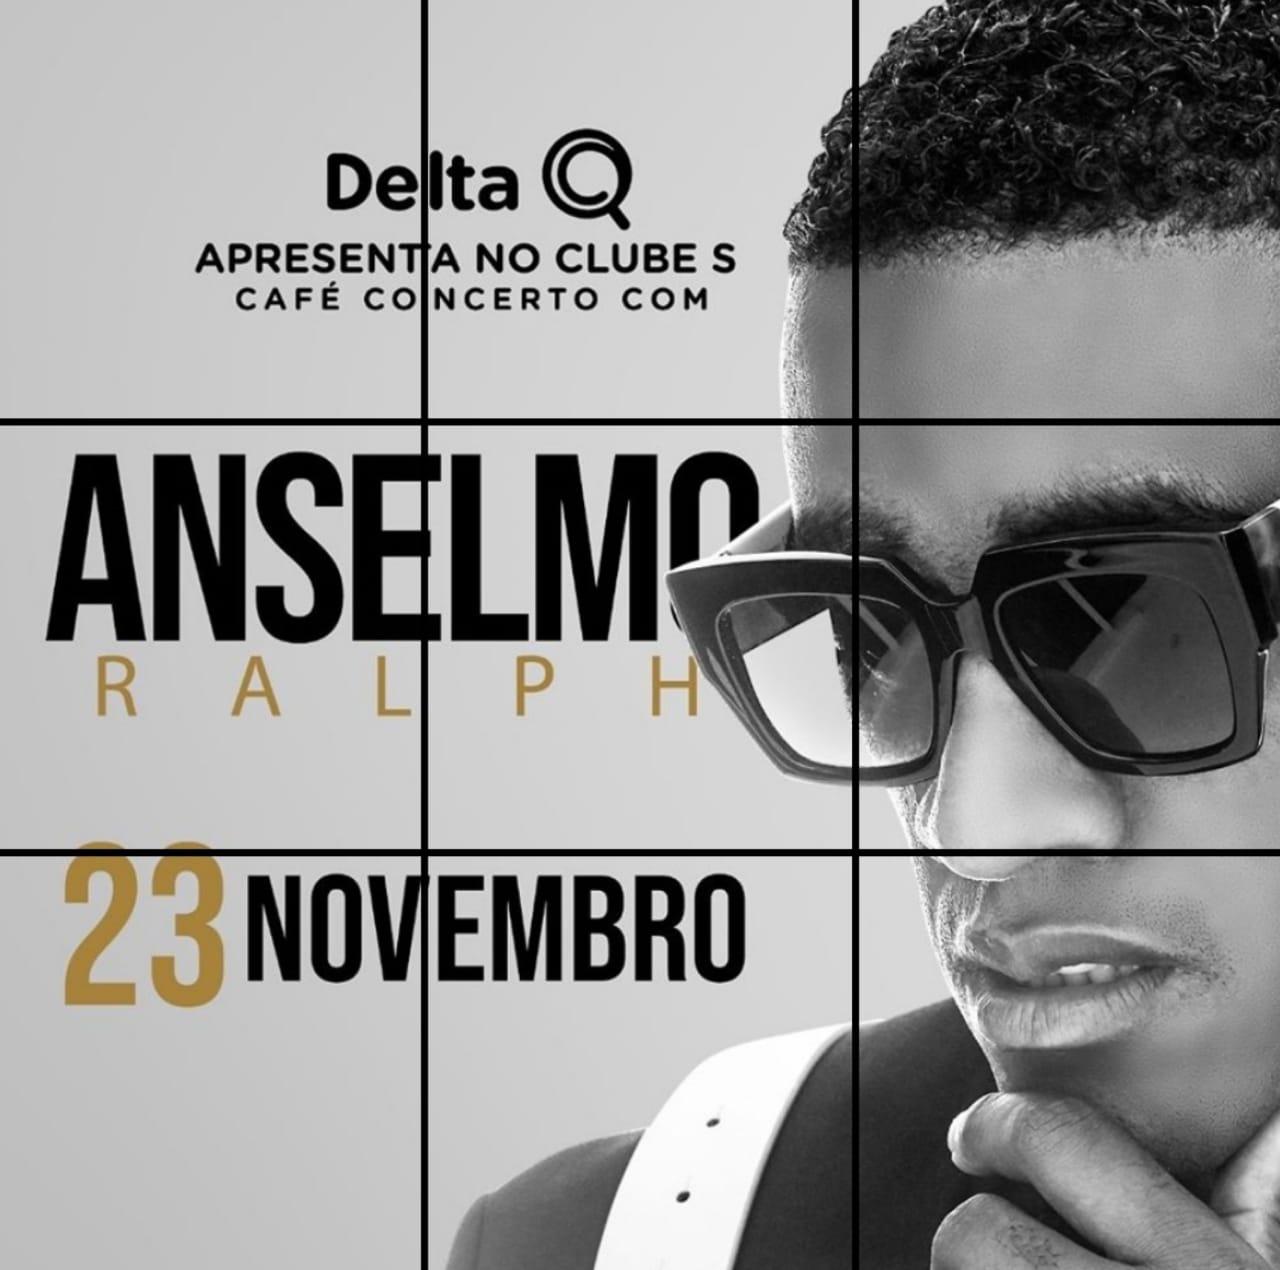 Anselmo em Café-Concerto com a Delta Q